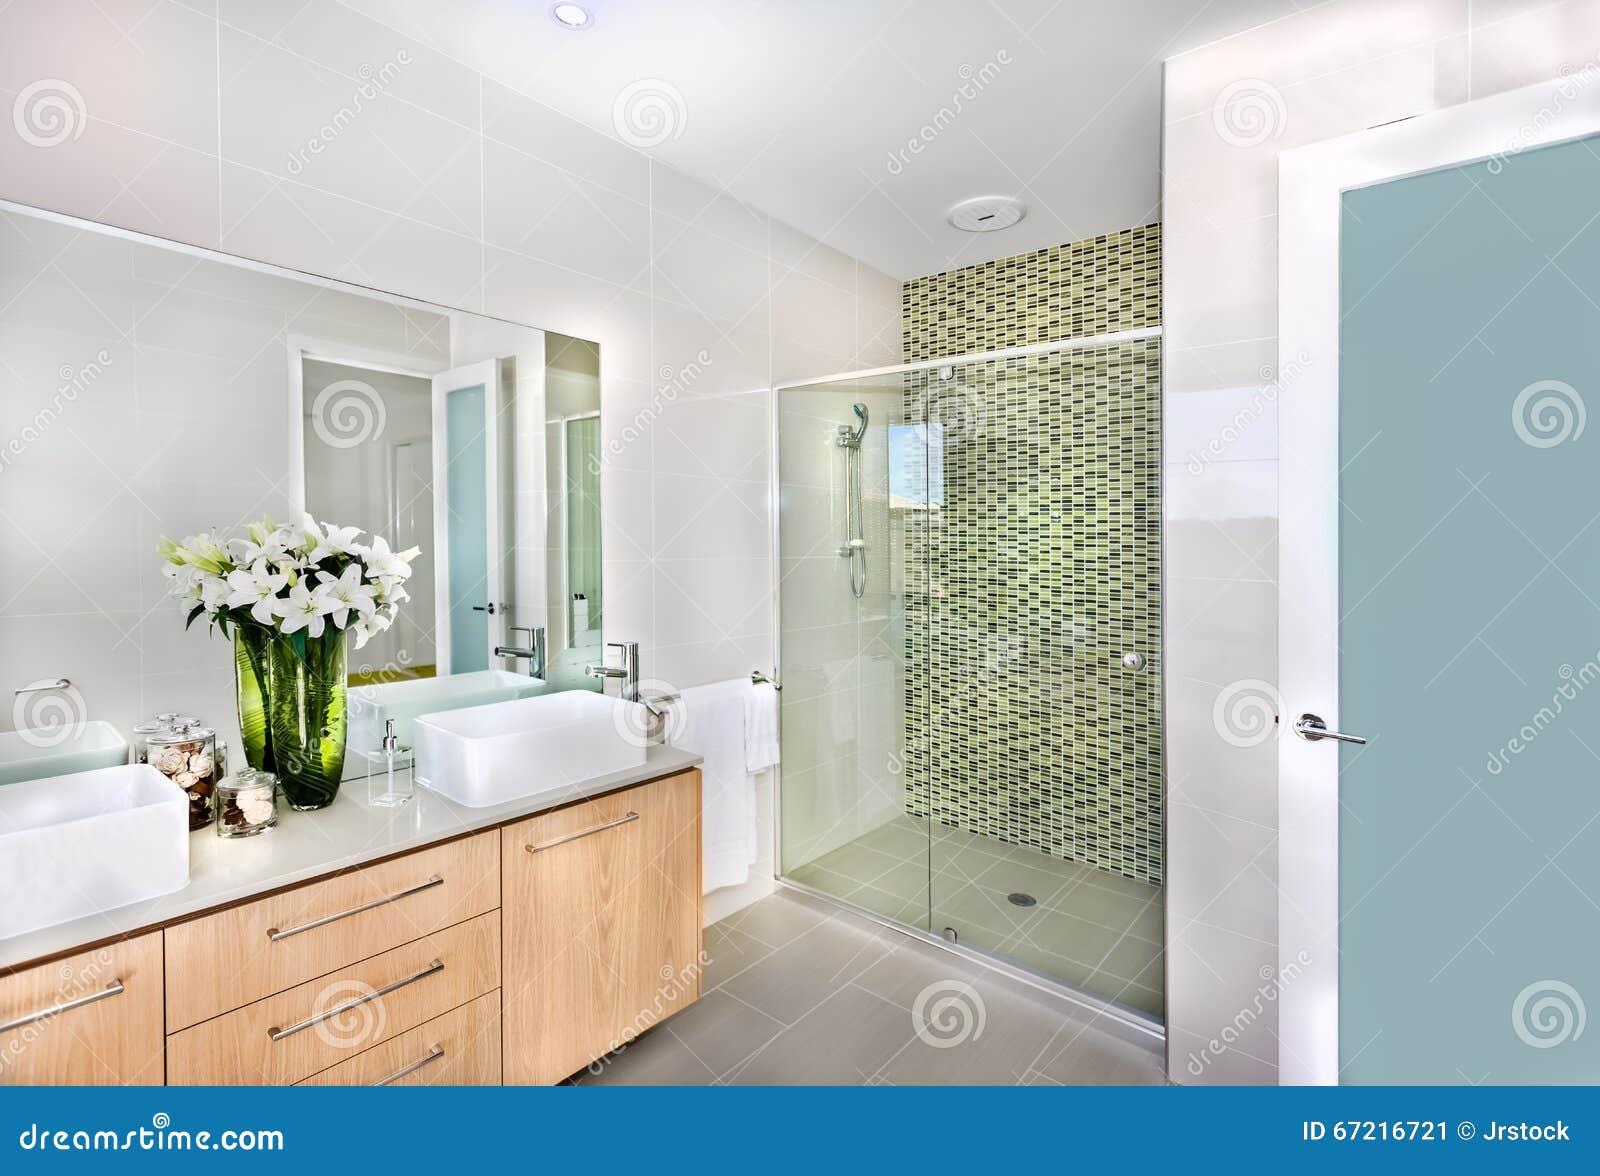 Ein Modernes Badezimmer Mit Weißen Blumen Im Vase Stockbild - Bild ...